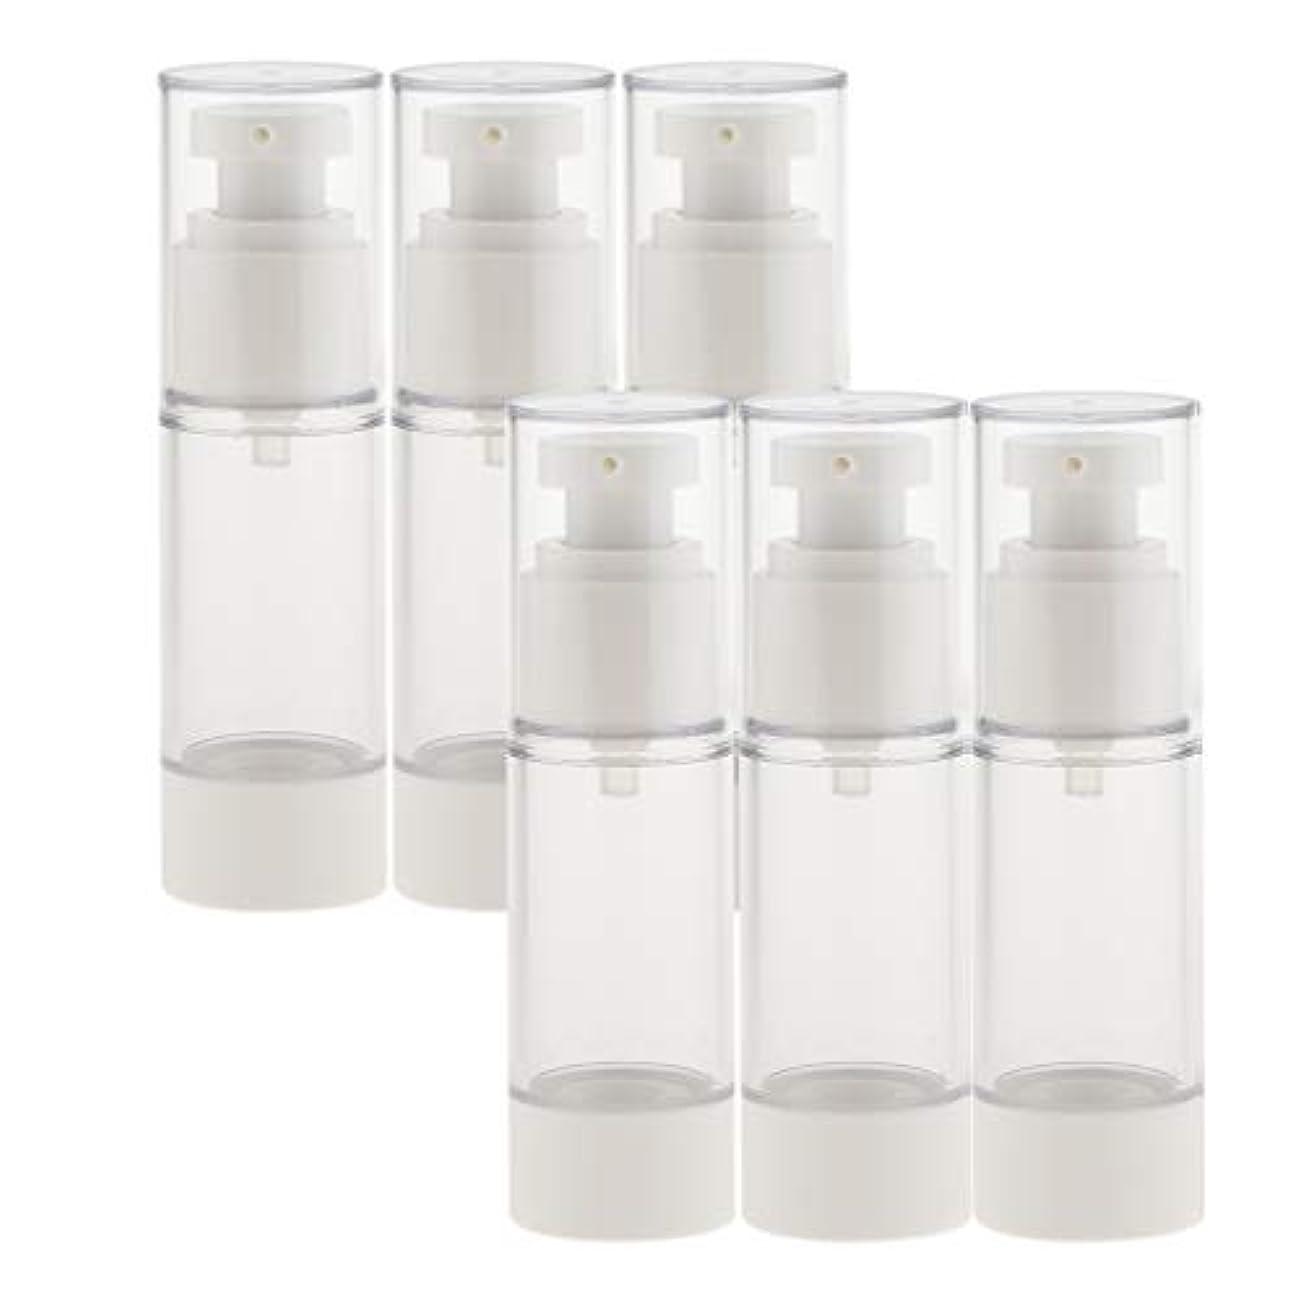 喉が渇いた姿勢九月dailymall スプレーボトル 6本セット 香水ボトル 真空ボトル ポンプボトル アトマイザー 全2サイズ選べ - 30ミリリットル